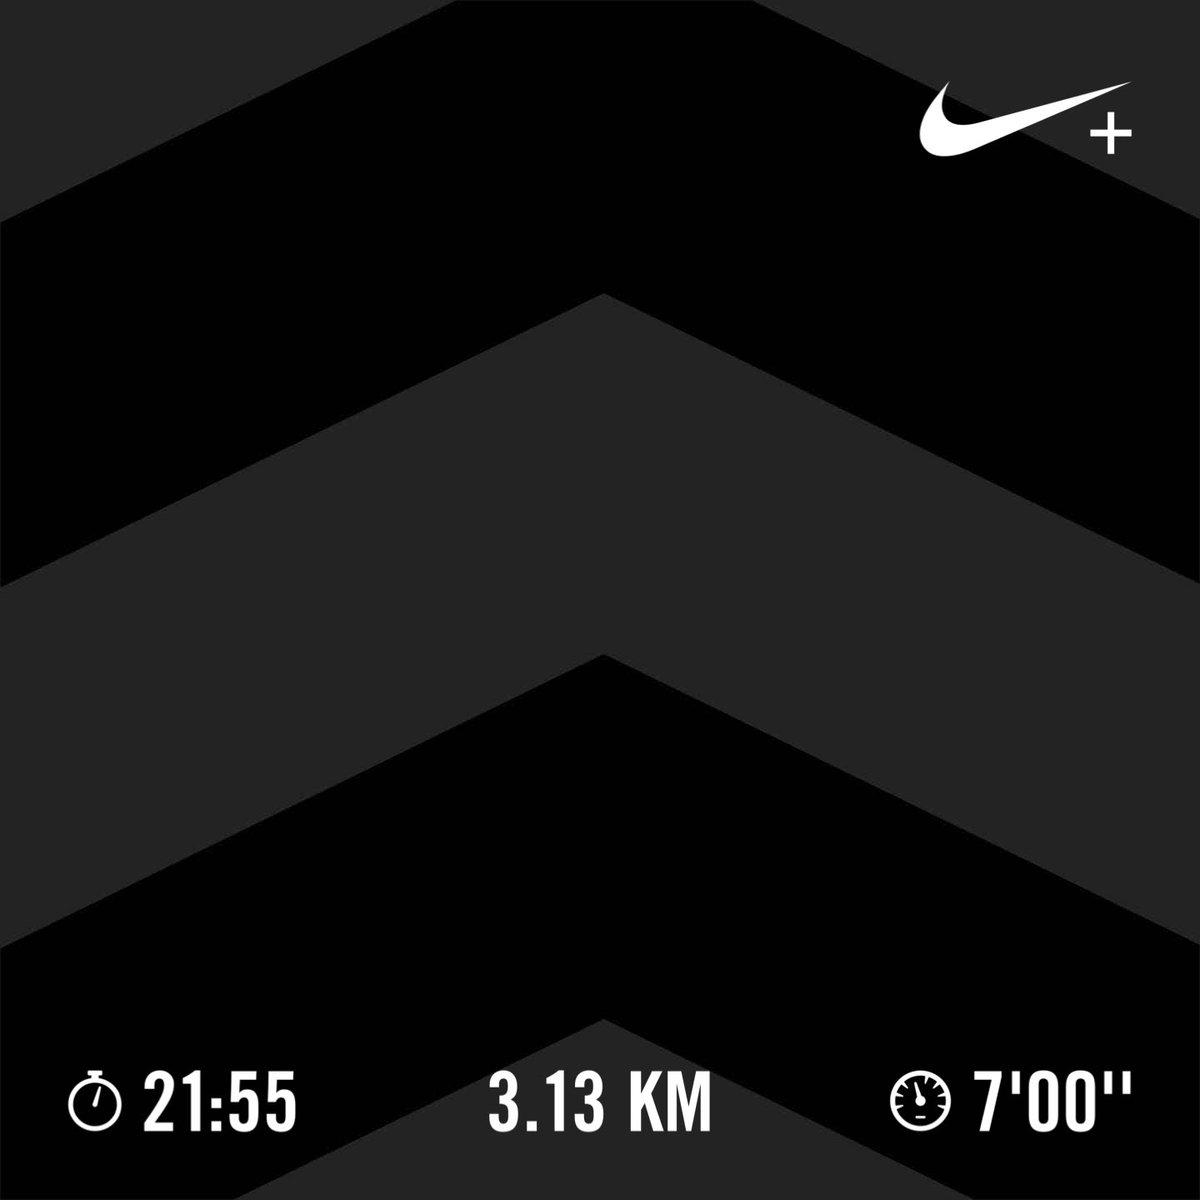 やった!歩かないで走れた #nikerunclub #jogging #ジョギングpic.twitter.com/igMUXhipYu